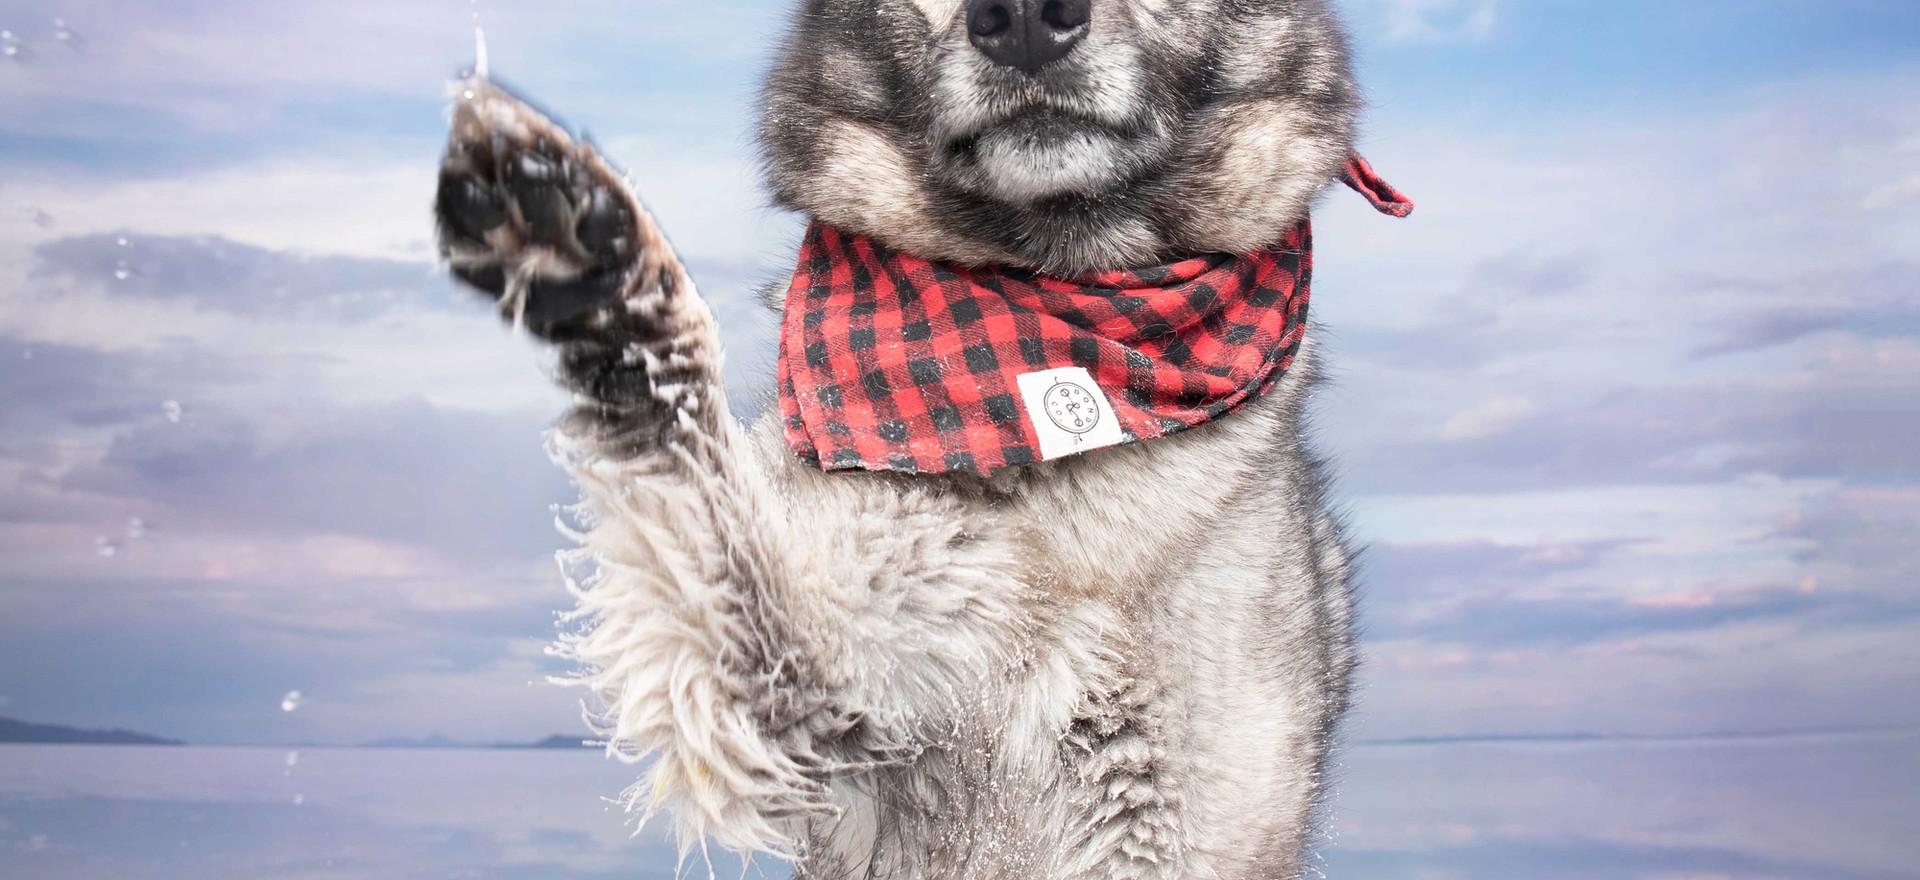 norwegianelkhoundsaltflatsutah.jpg